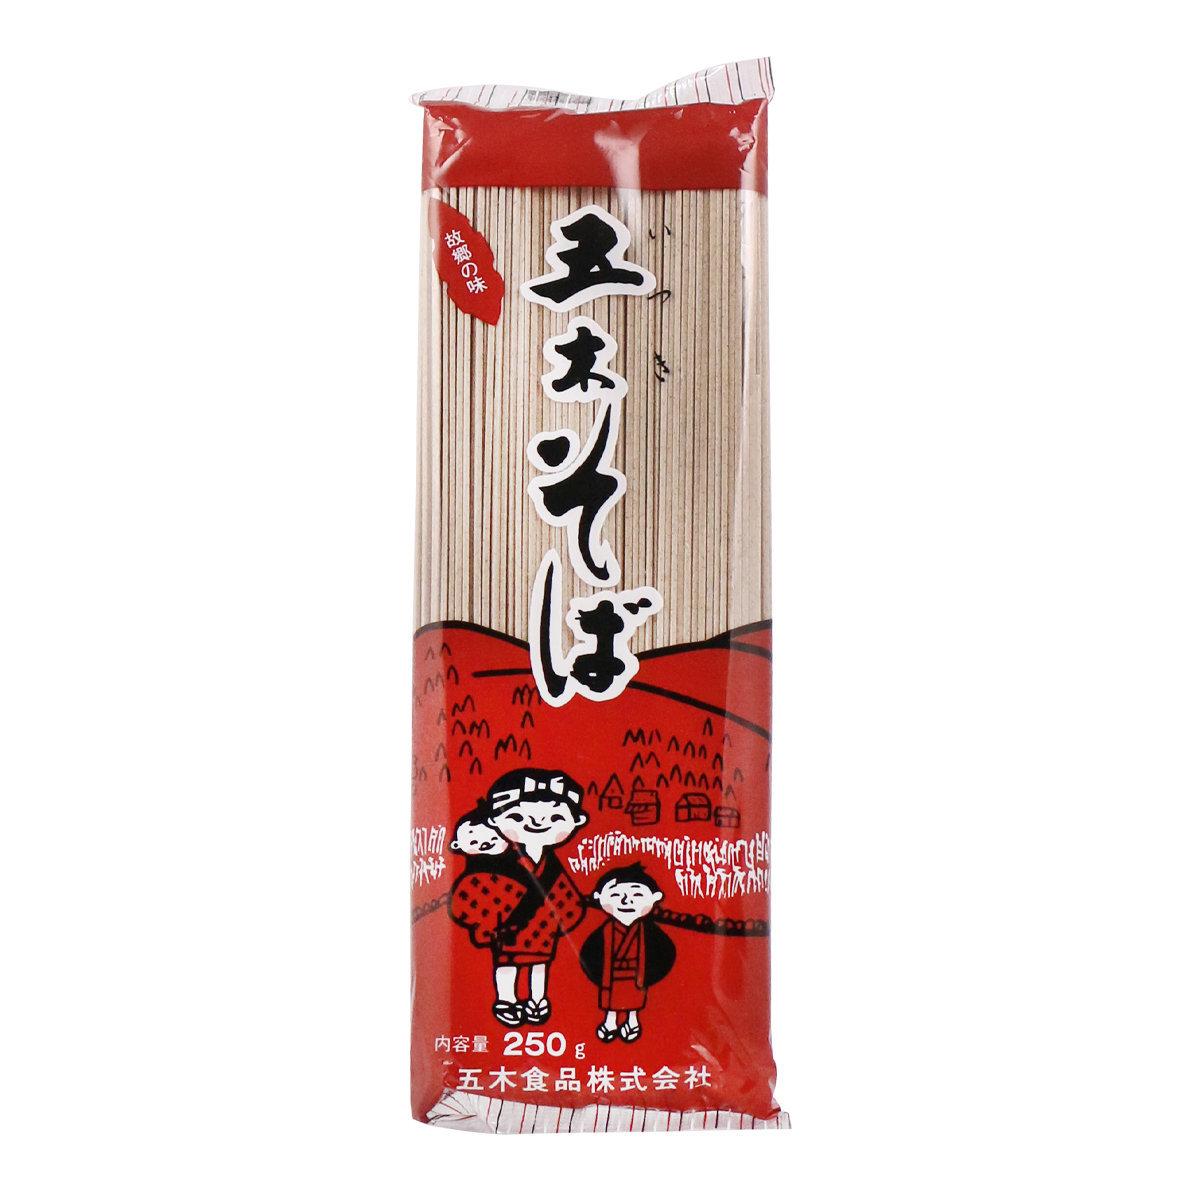 五木赤麵故鄉的味道